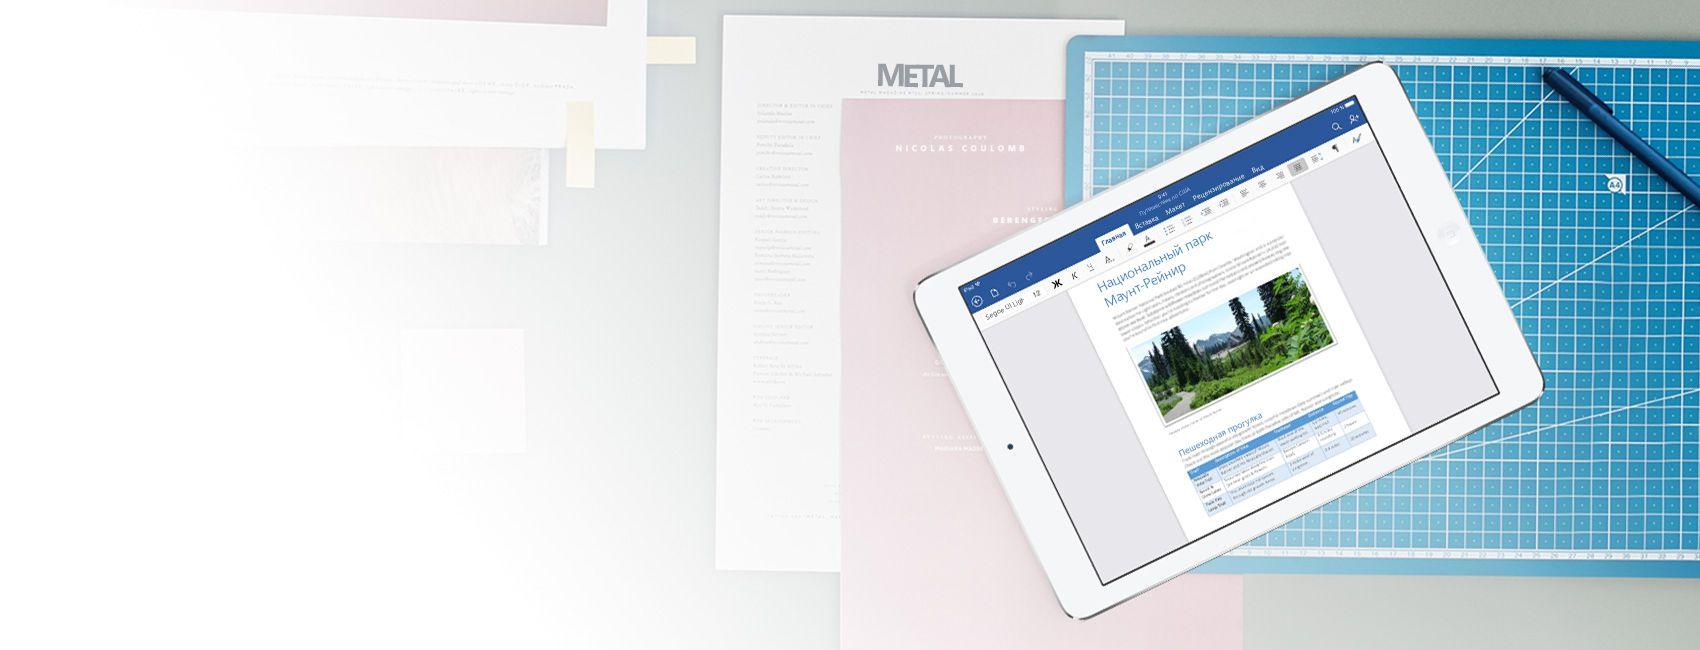 iPad с приложением Word для iOS, в котором открыт документ о национальном парке Маунт-Рейнир.